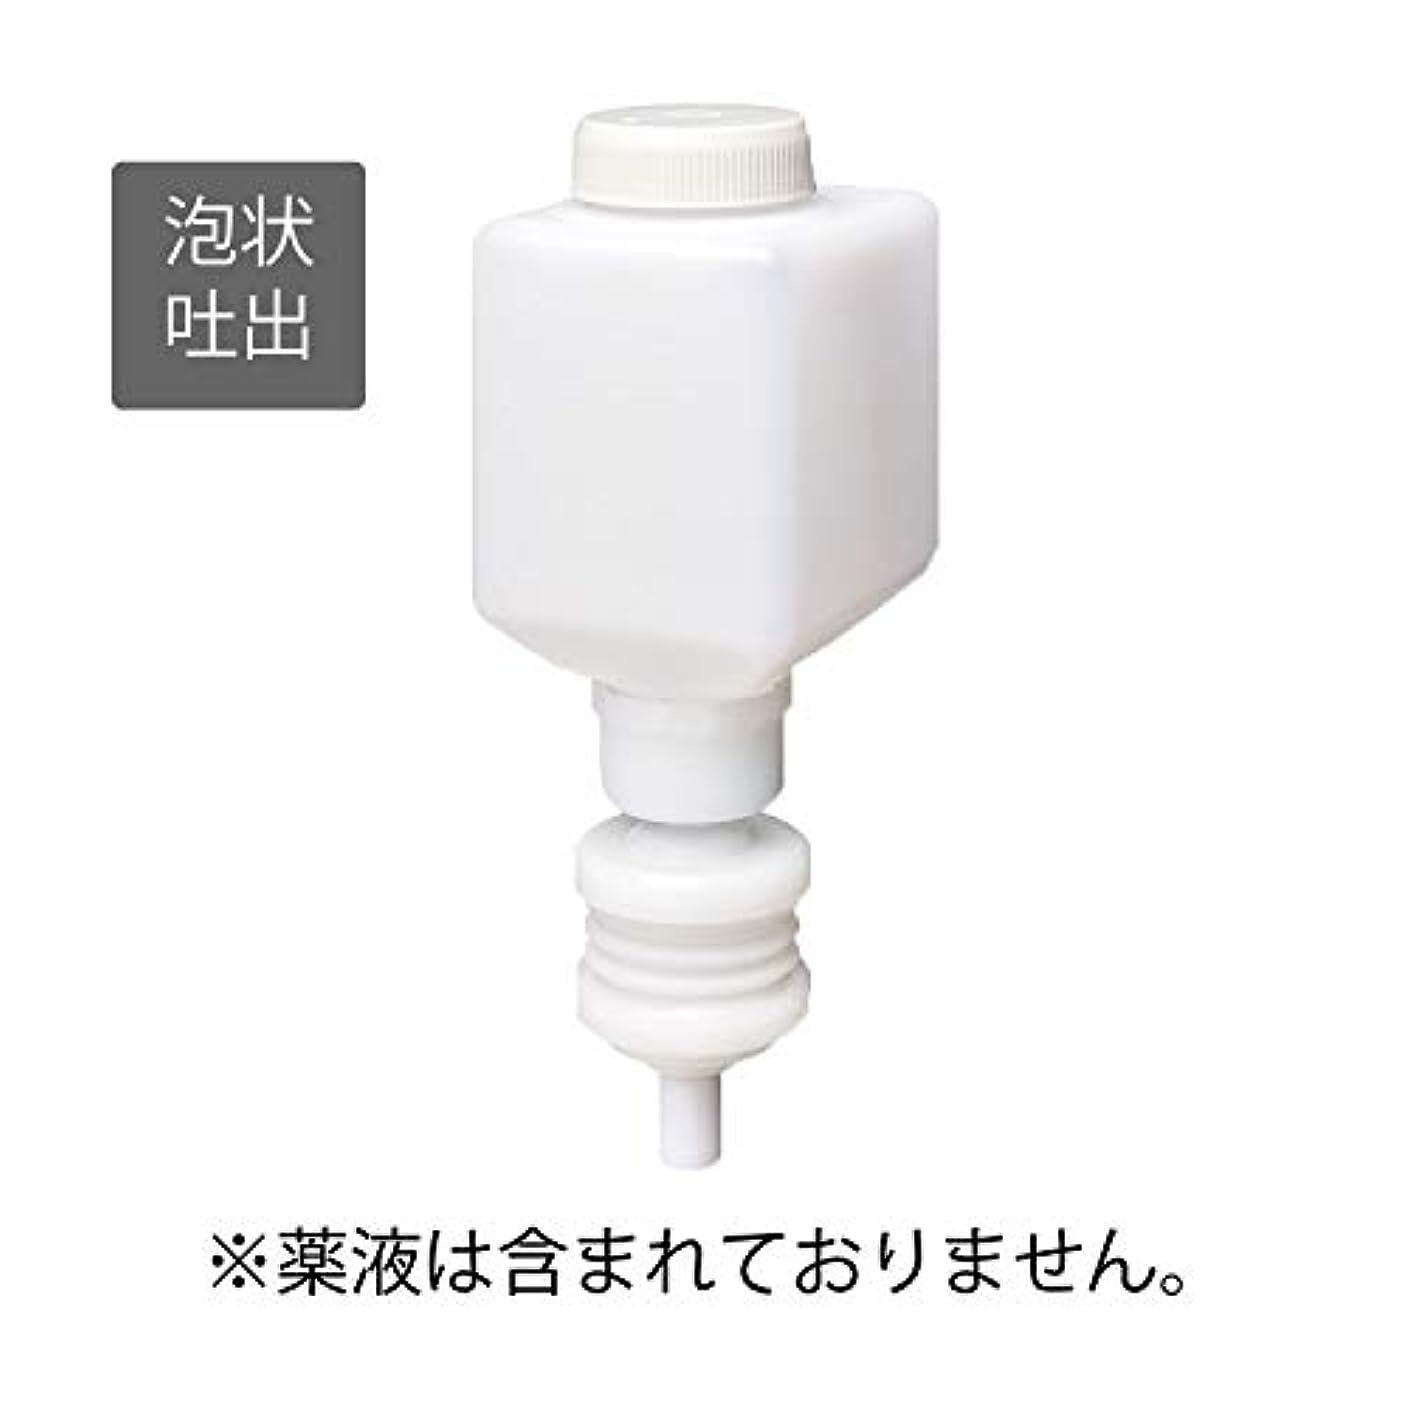 さておき違反召喚するサラヤ カートリッジボトル 石けん液泡タイプ用 250ml MD-300